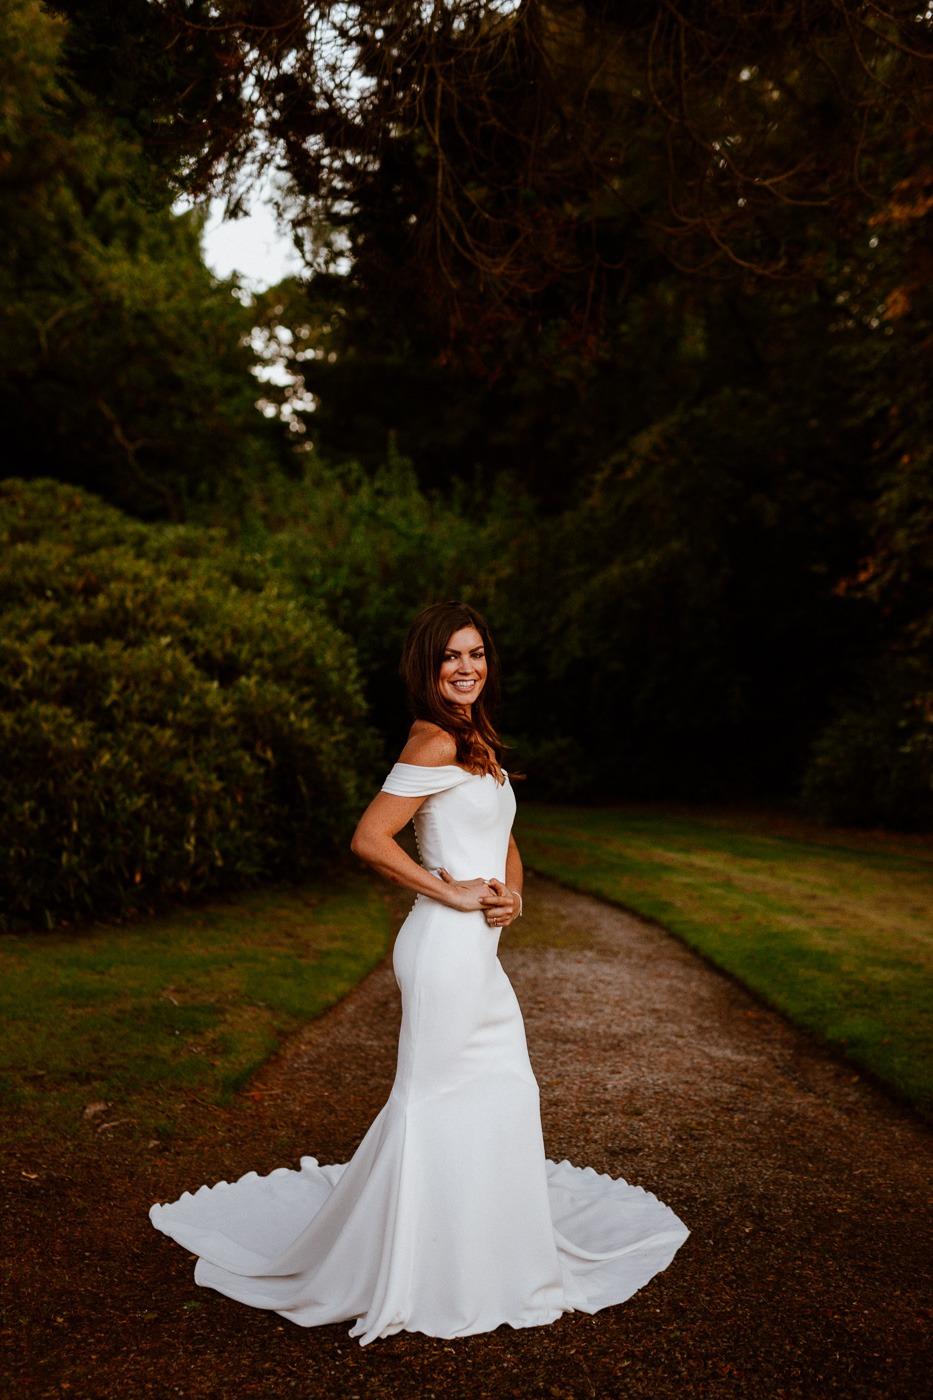 Molly Hanten wearing a dress